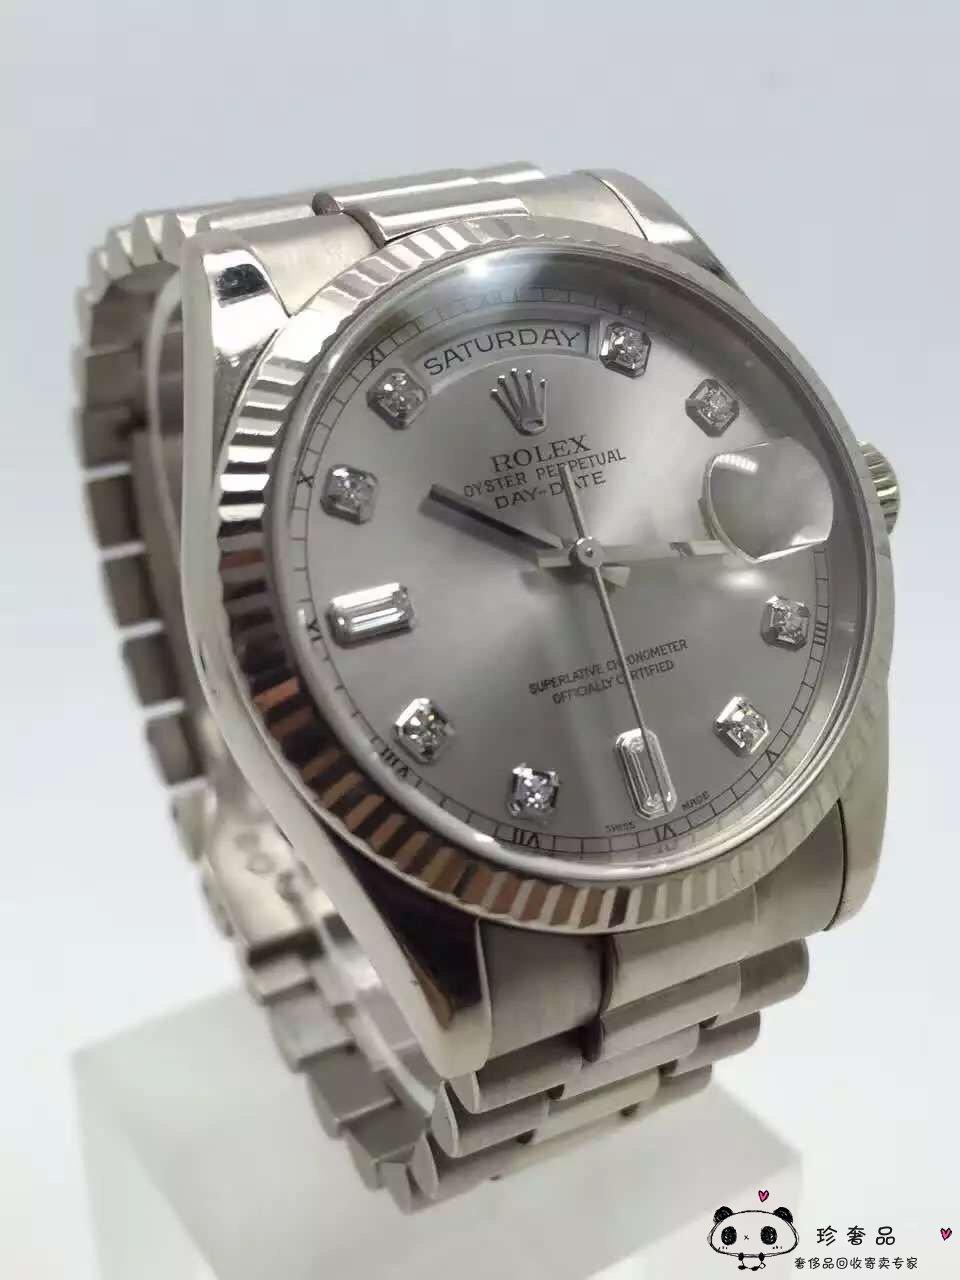 老款劳力士男表价格_劳力士118239白金镶钻自动机械男表_手表寄卖_珍奢品